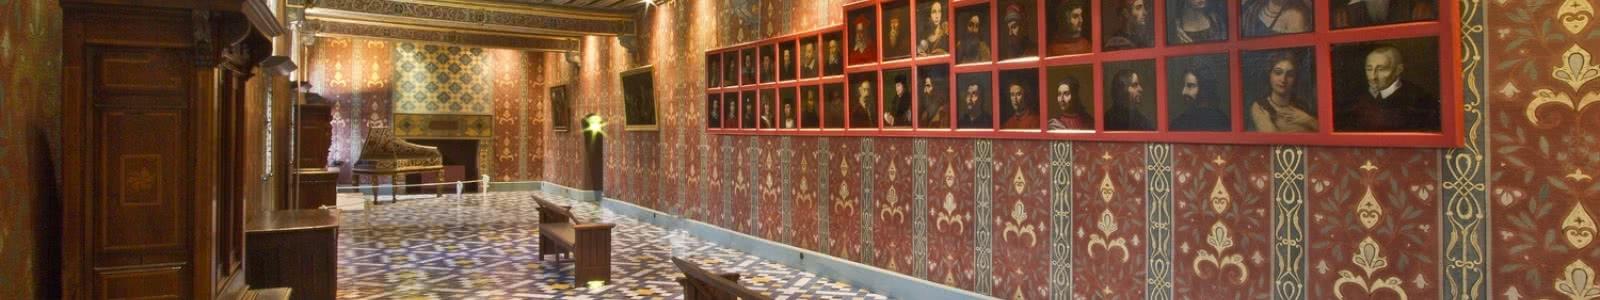 Château Royal de Blois - galerie de la reine - Vacances royales en Loir-et-Cher Val de Loire © T. Bourgoin